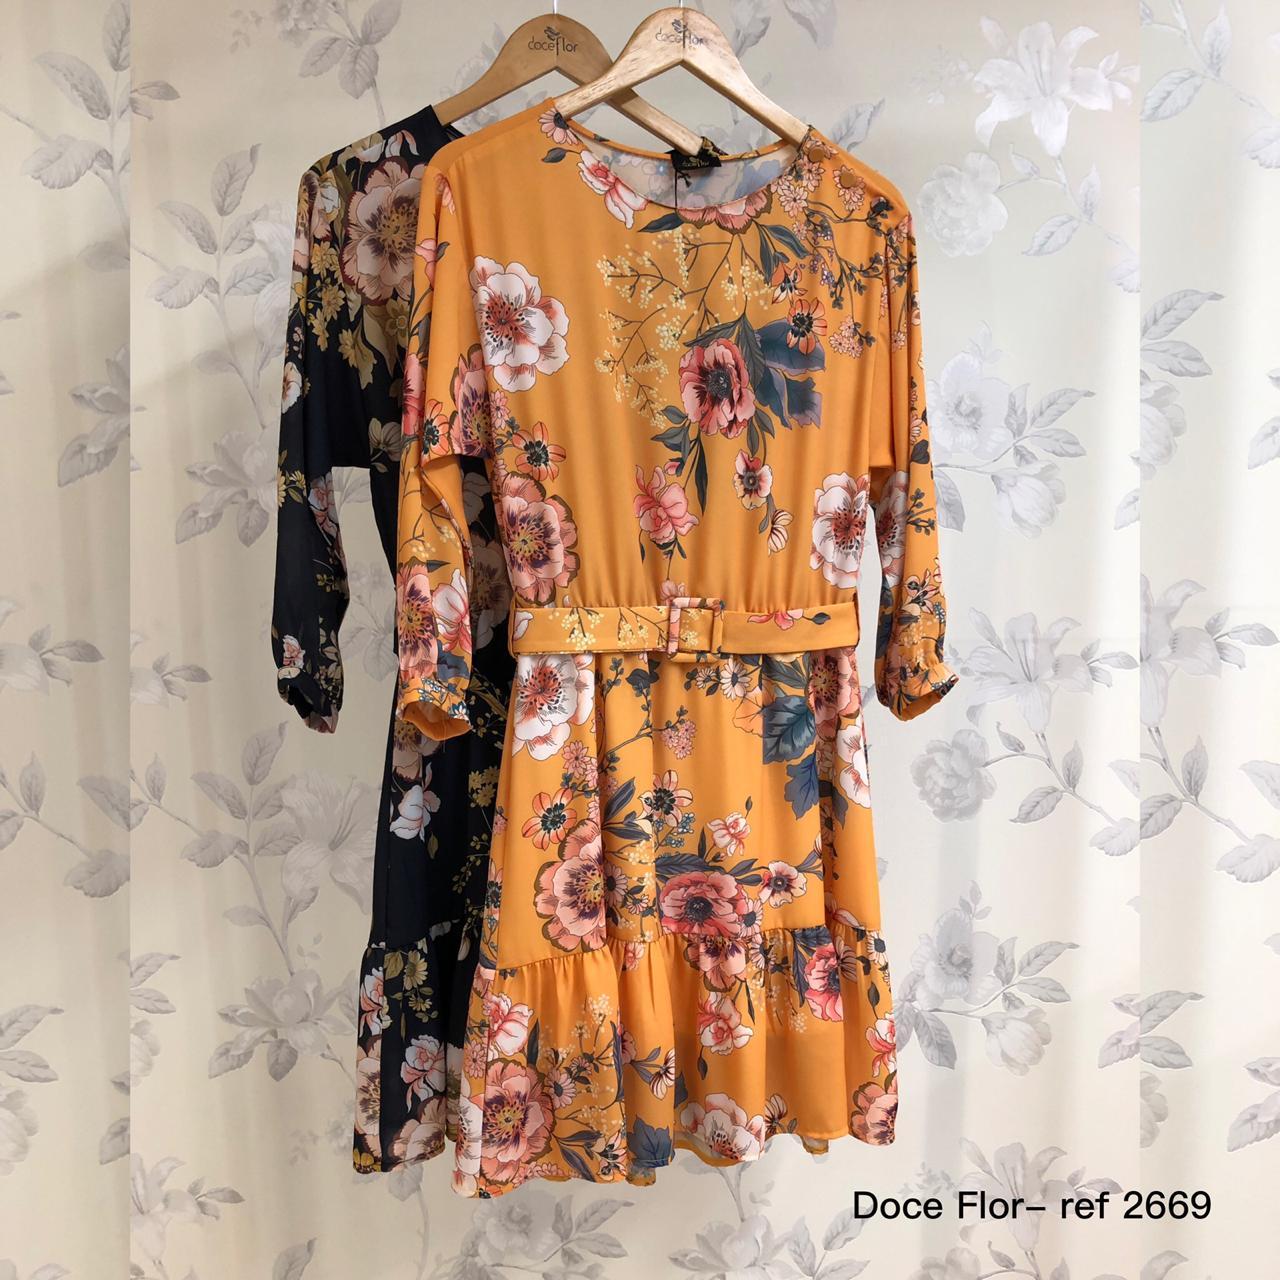 Vestido Floral Manga Longa Doce Flor em Crepe com Cinto